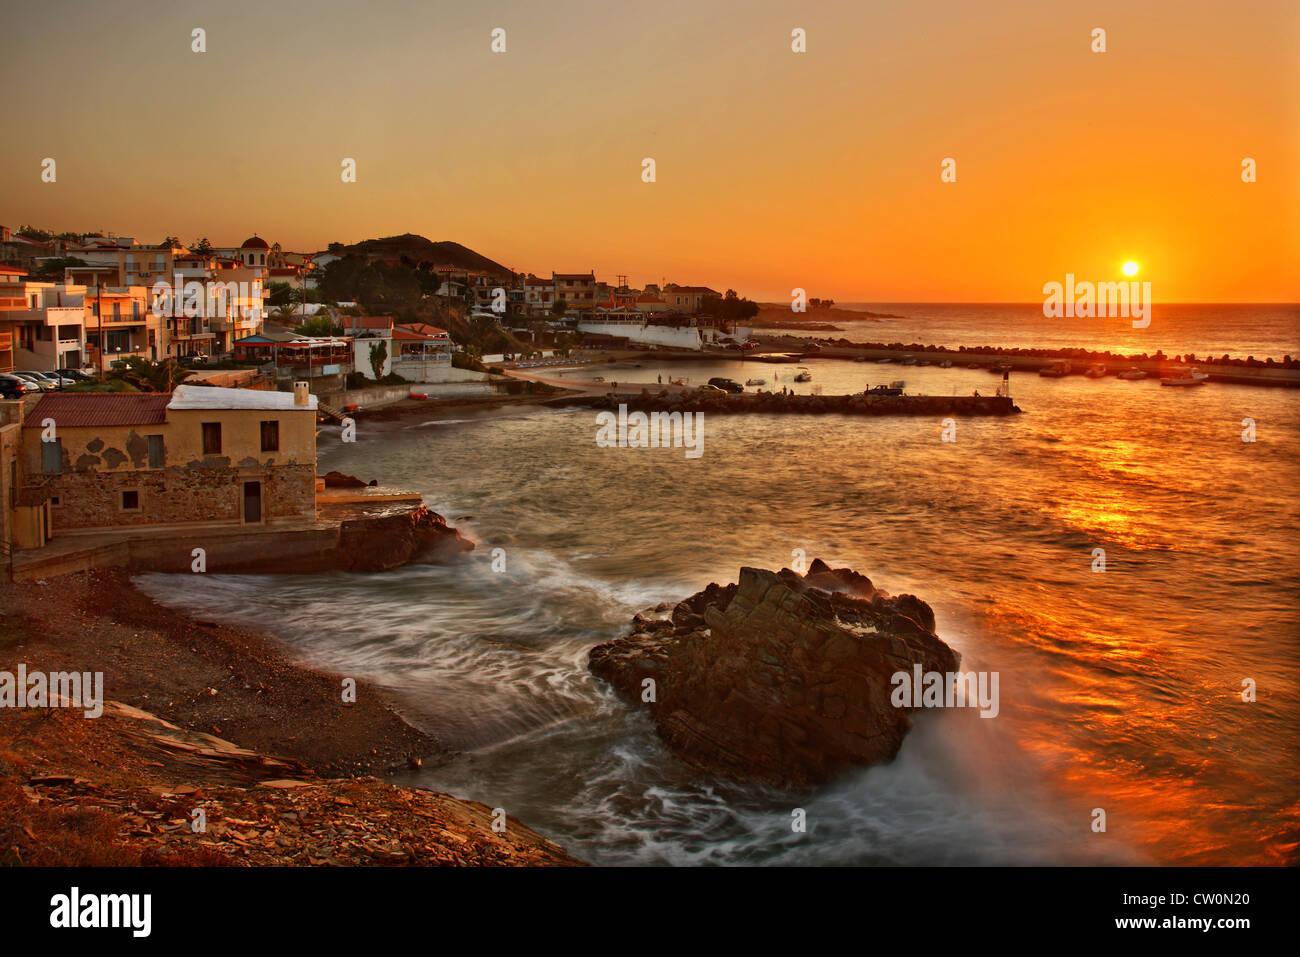 Sonnenuntergang am Pamormos Dorf, beliebten touristischen Resorts, in der Präfektur Rethymnon, Kreta, Griechenland Stockbild